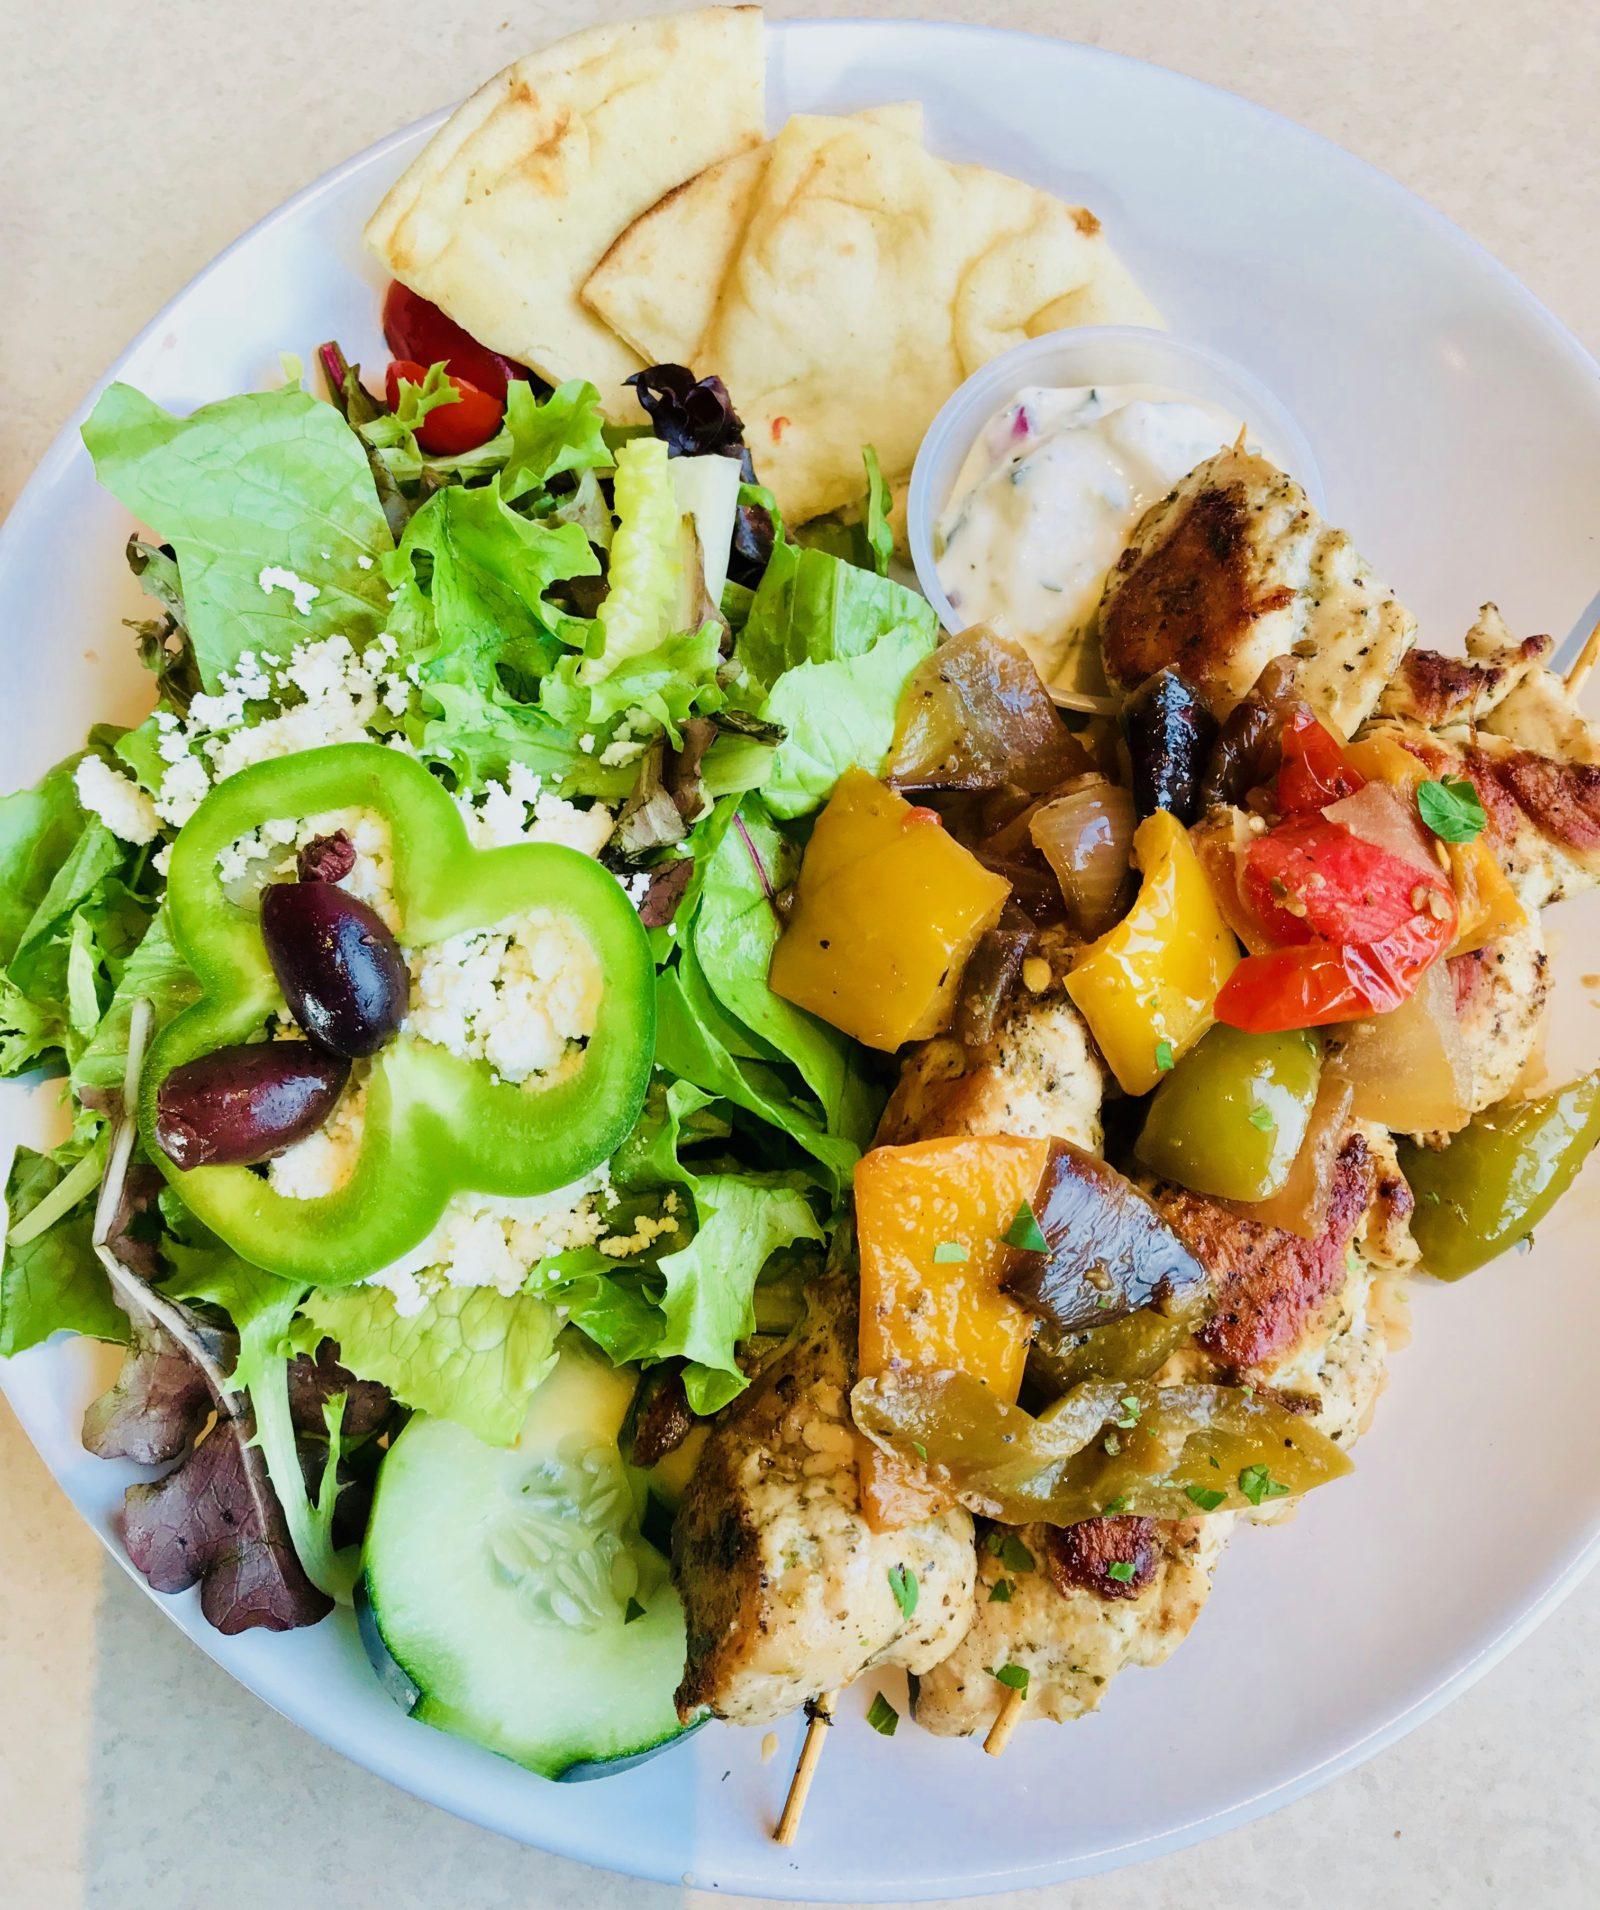 Pick of the Week - Zoës Kitchen - Chicken Kabobs